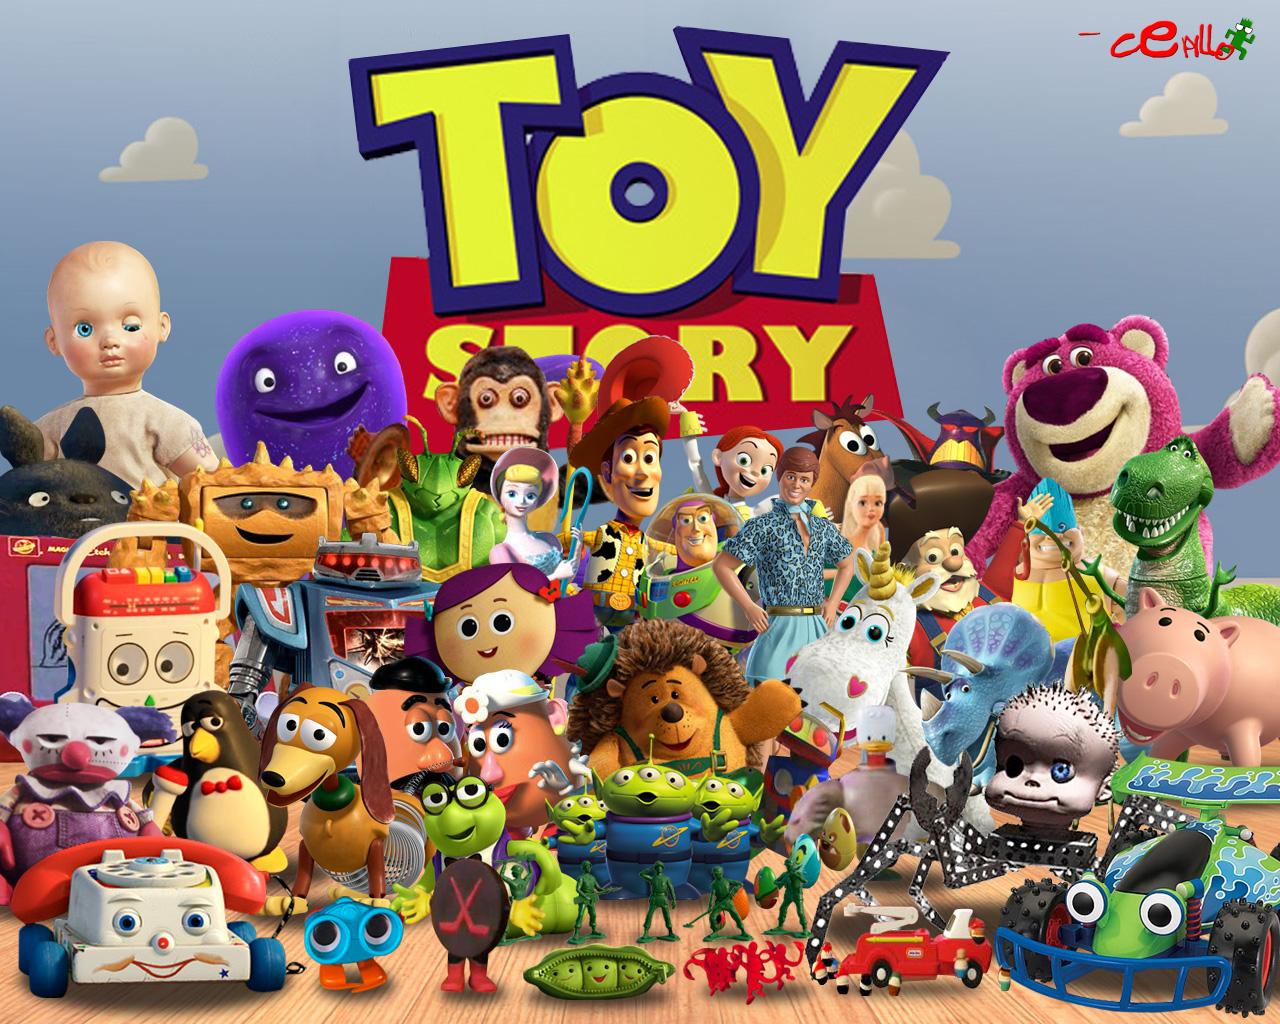 Image toystory pixar - Le cochon de toy story ...